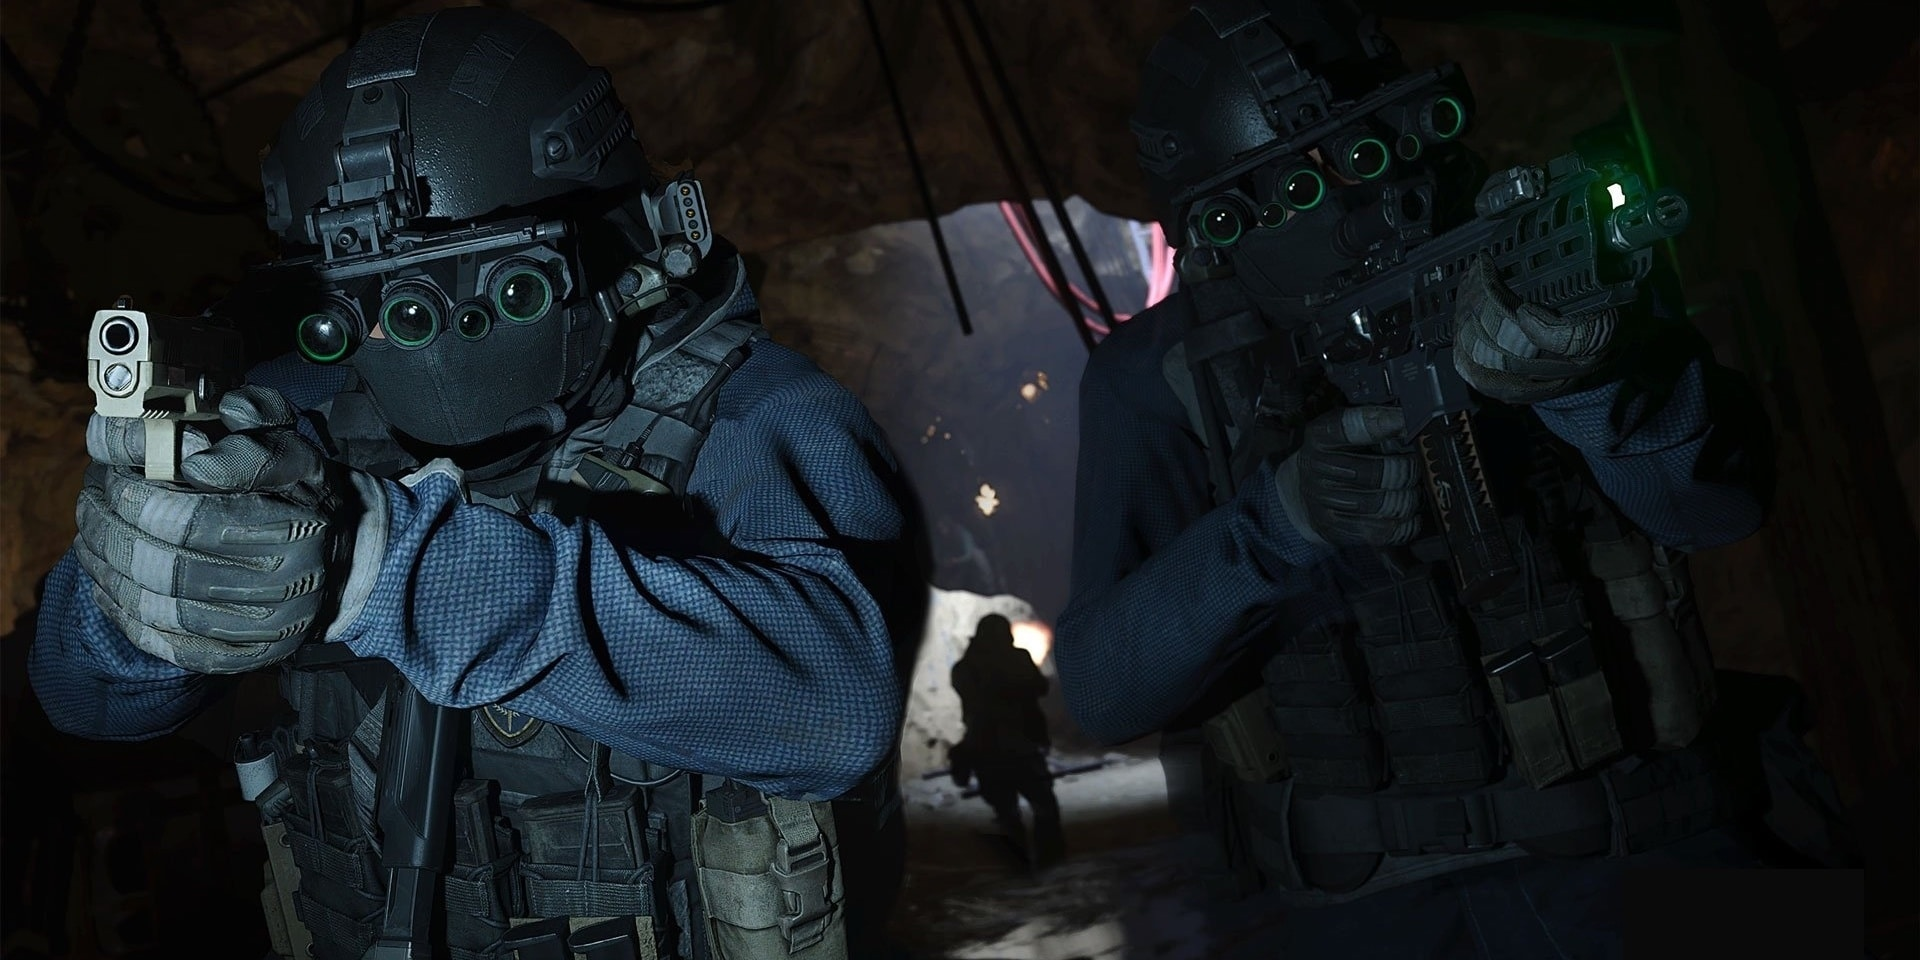 Call of Duty: Modern Warfare обновление 1.16.1 Патч 1.17- от 10 марта 2020 года